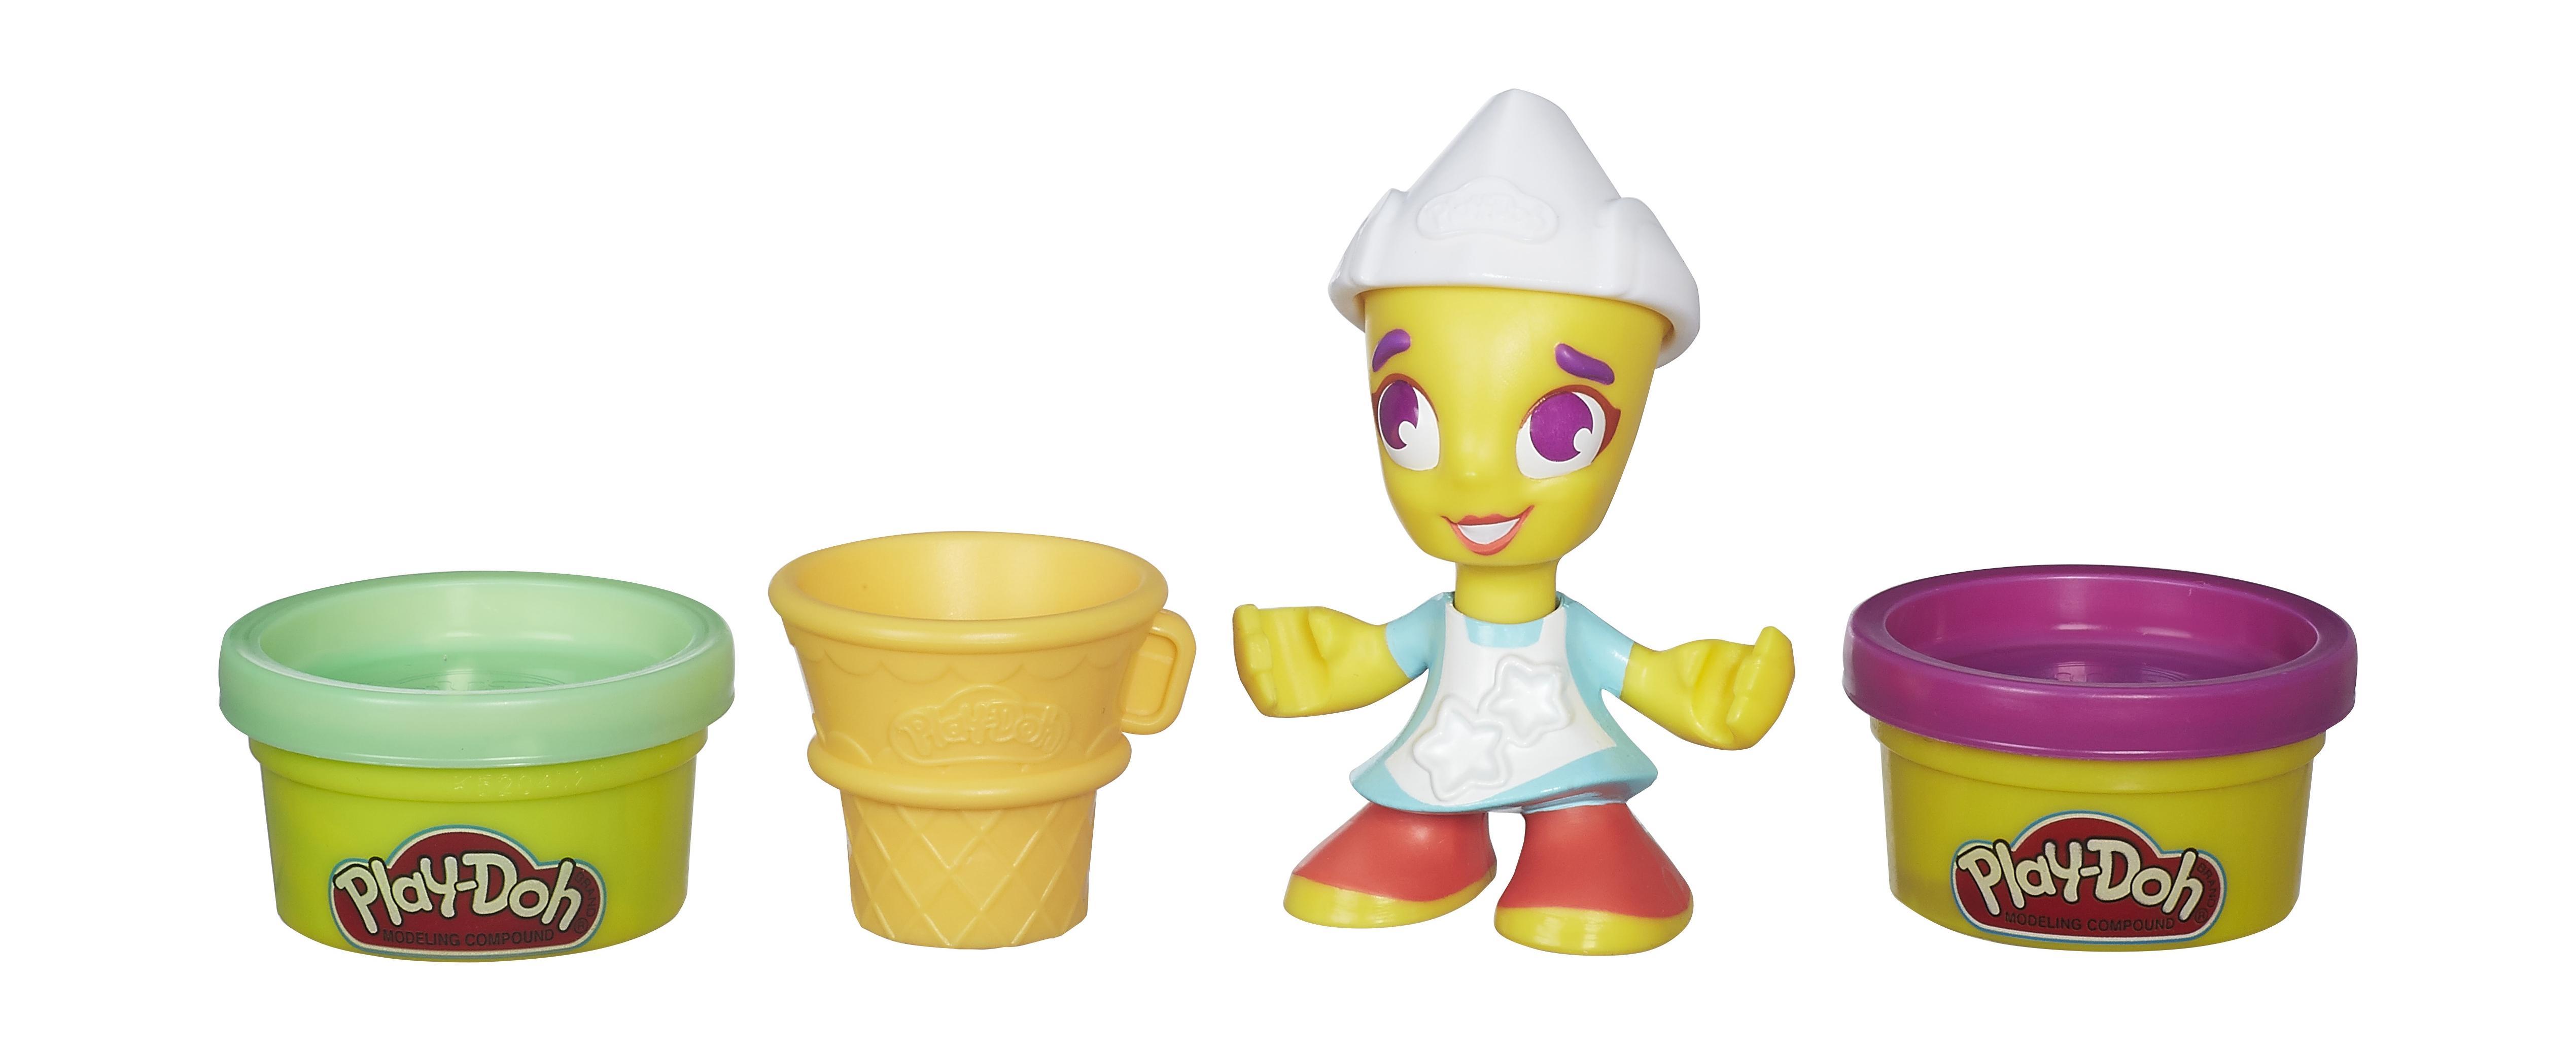 Купить Play-doh город игровой набор фигурки , b5960 b5978, Наборы для лепки Play-Doh